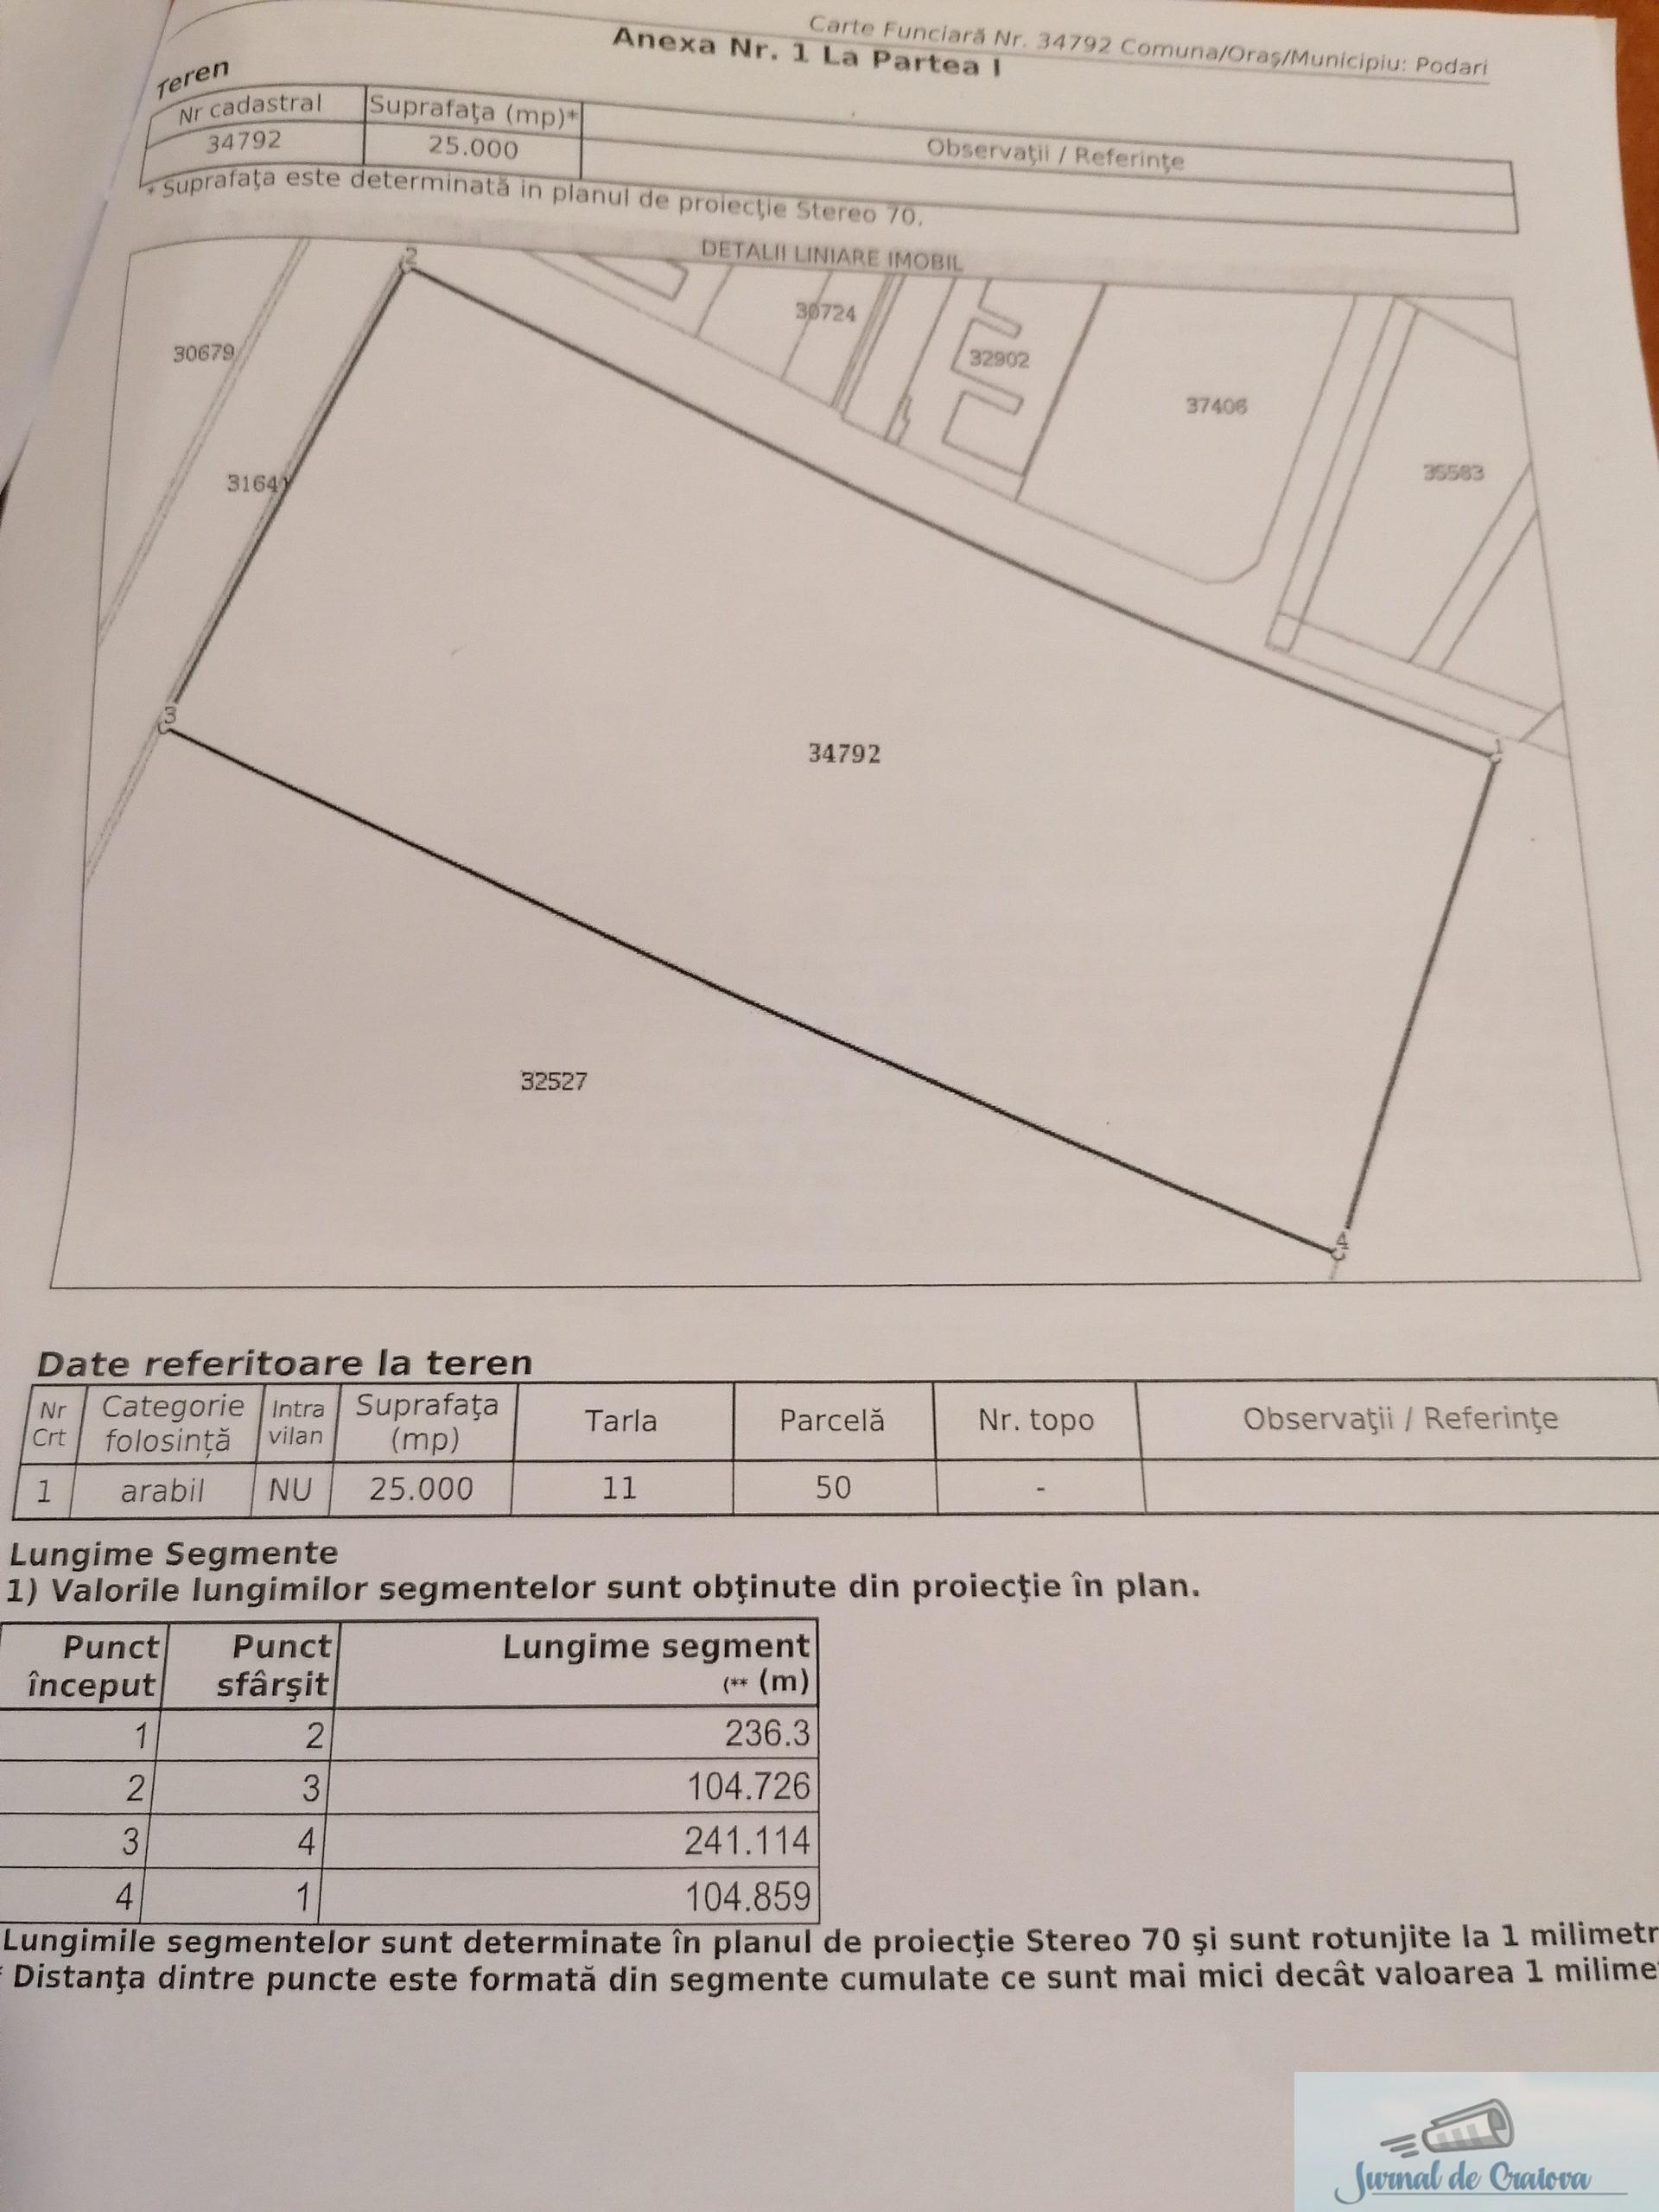 #BarondeDolj : Cum a reusit familia Gheorghita sa puna mana pe cele 24 de hectare cedate de MAPN in Podari .. 16